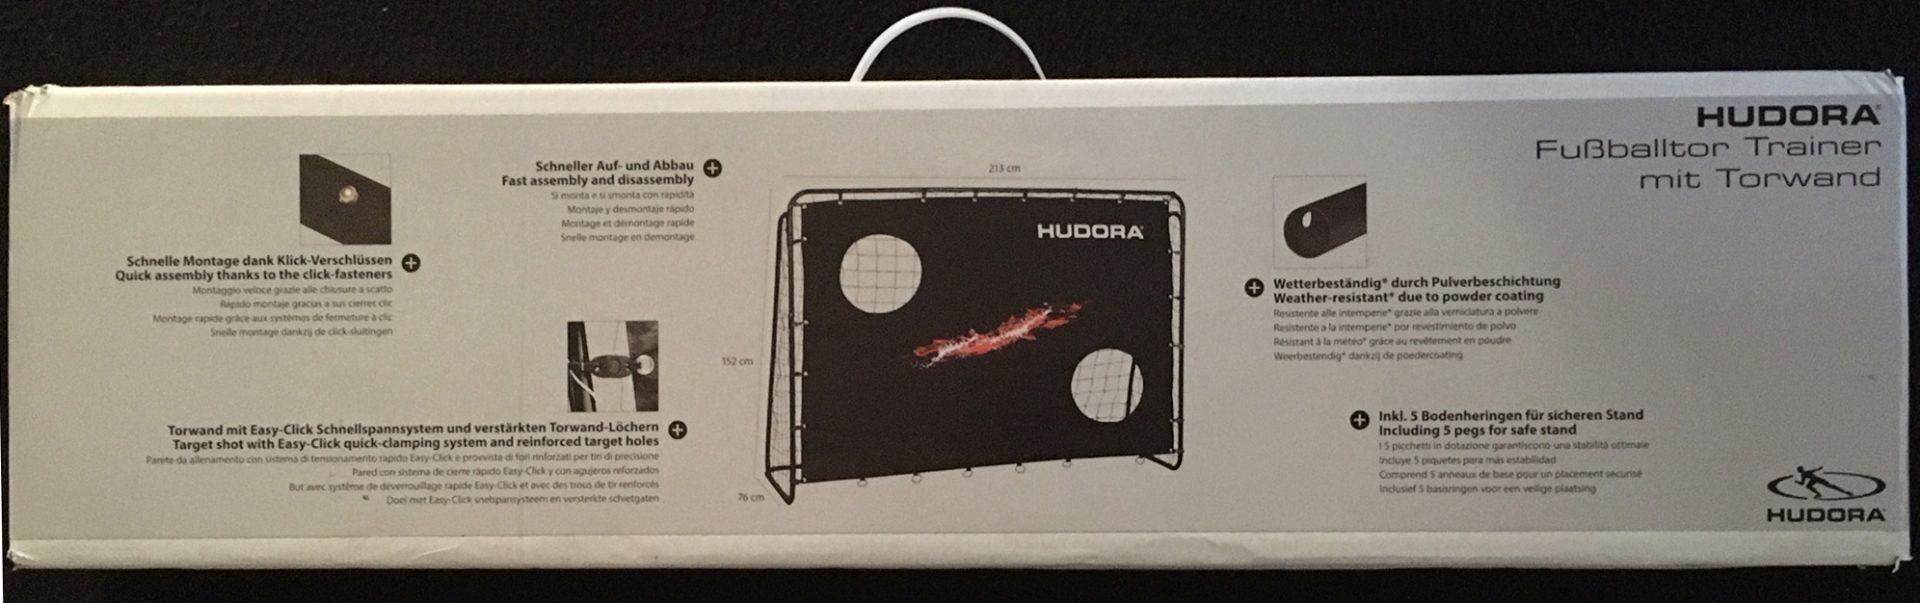 76923 Fussballtor Hudora 213x152x76 8 - 02